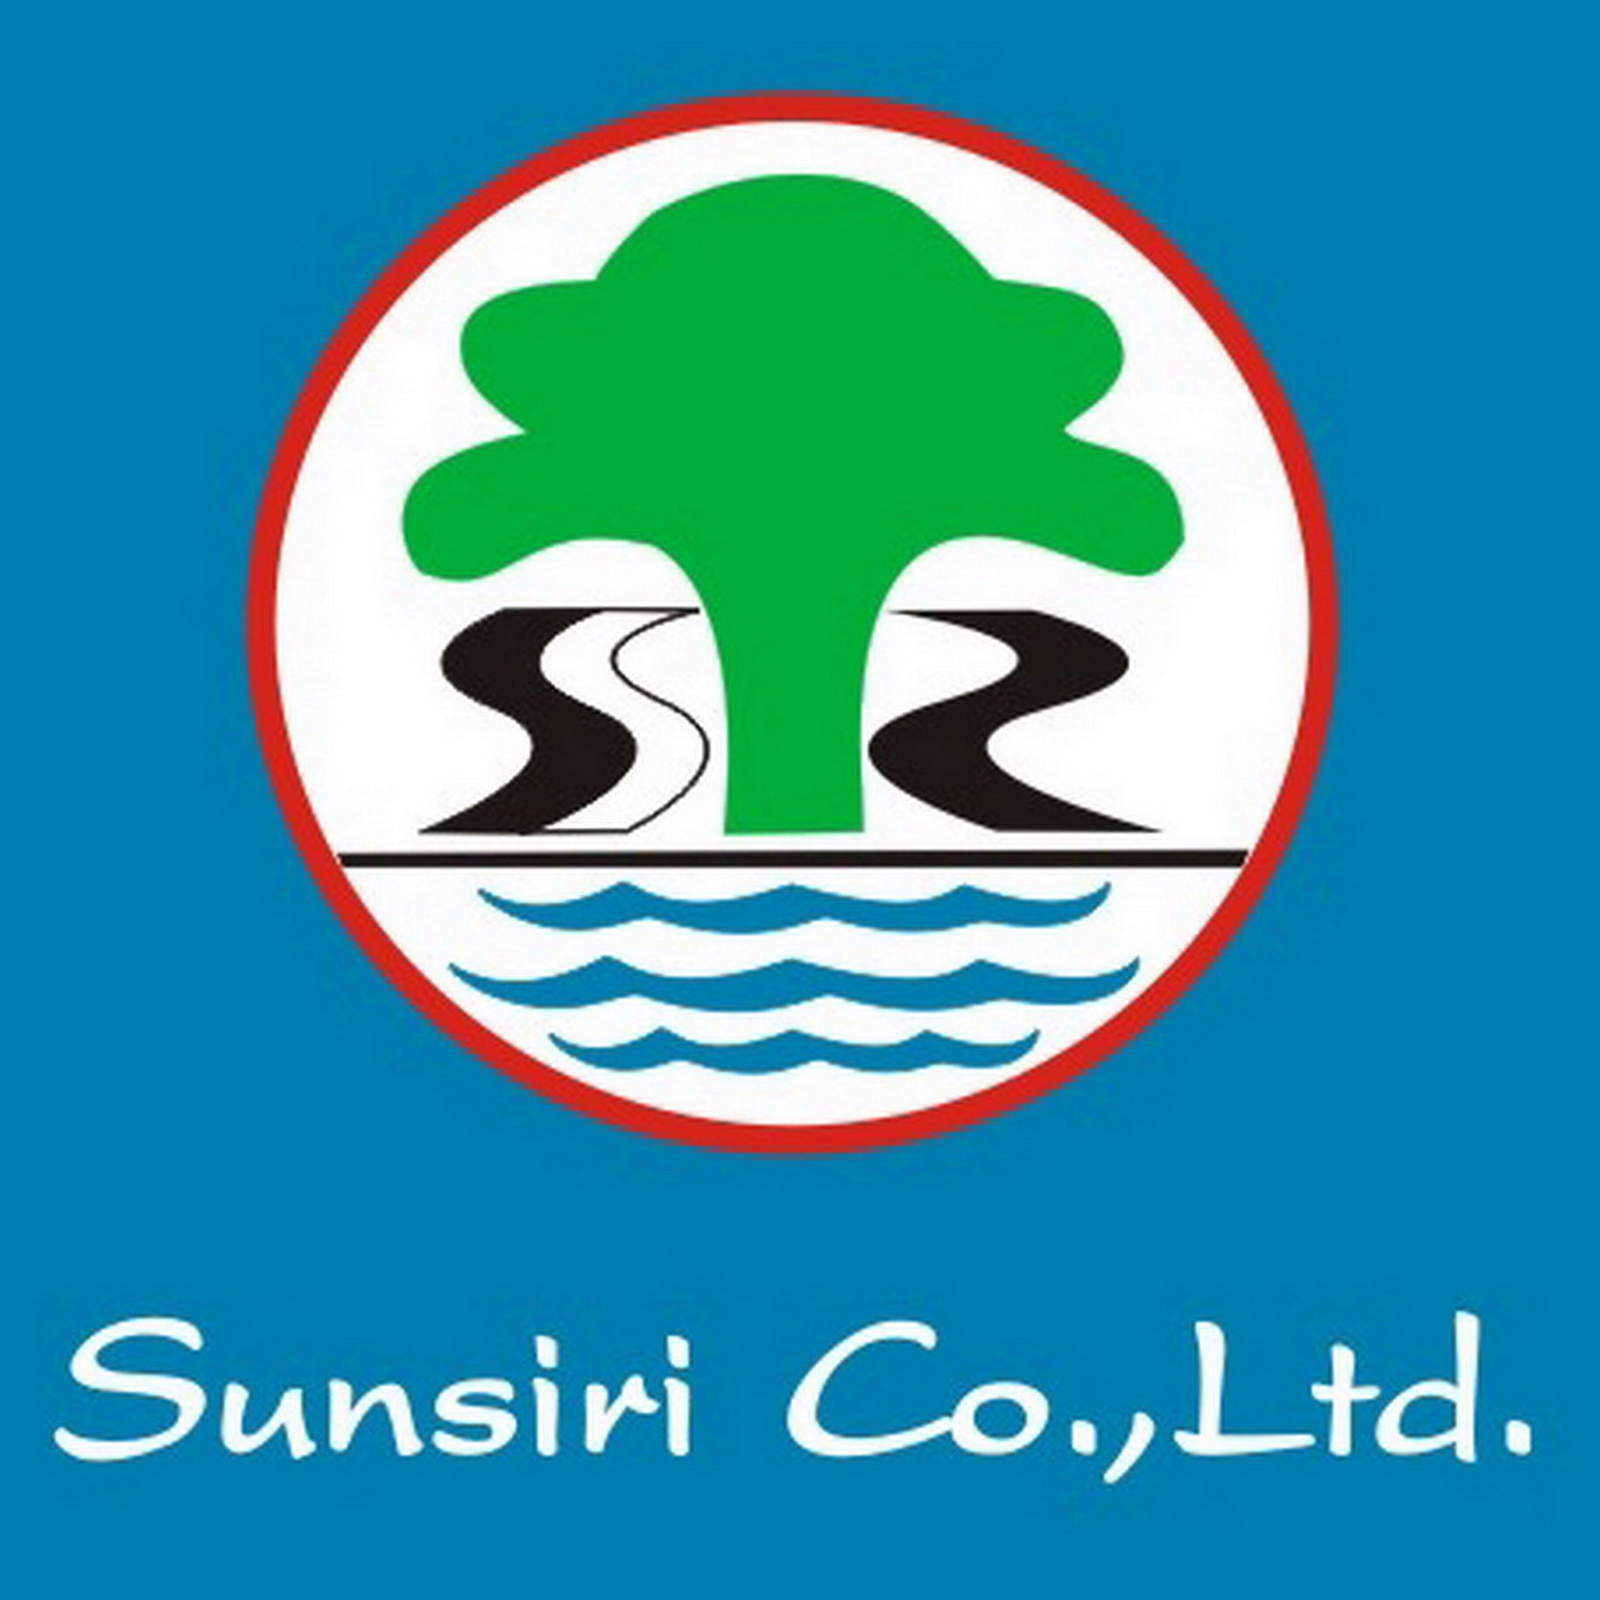 SUNSIRI Co., LTD